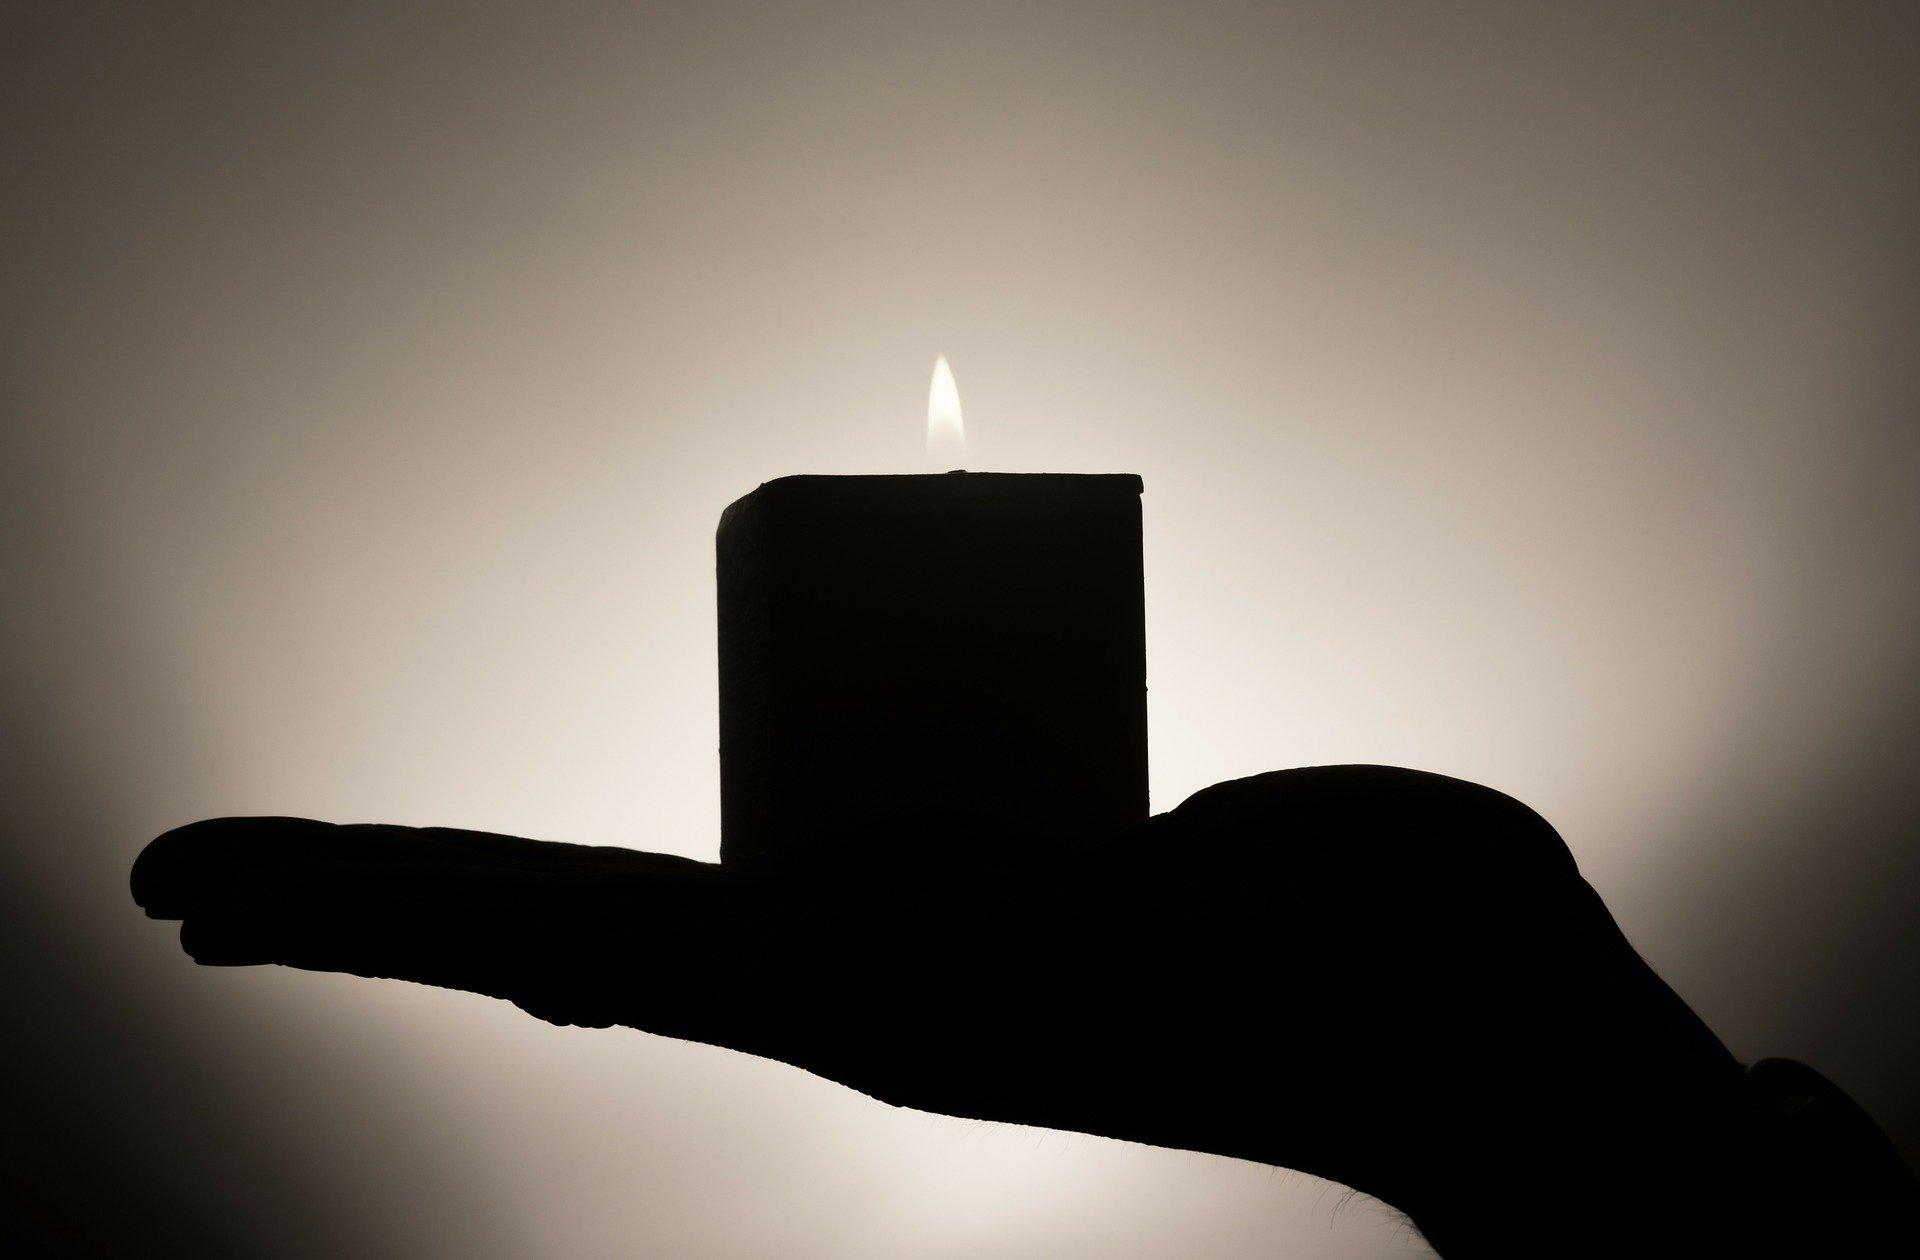 Z wielkim smutkiem informujemy, iż zmarł ojciec sekretarz KRDL Doroty Krawieckiej.